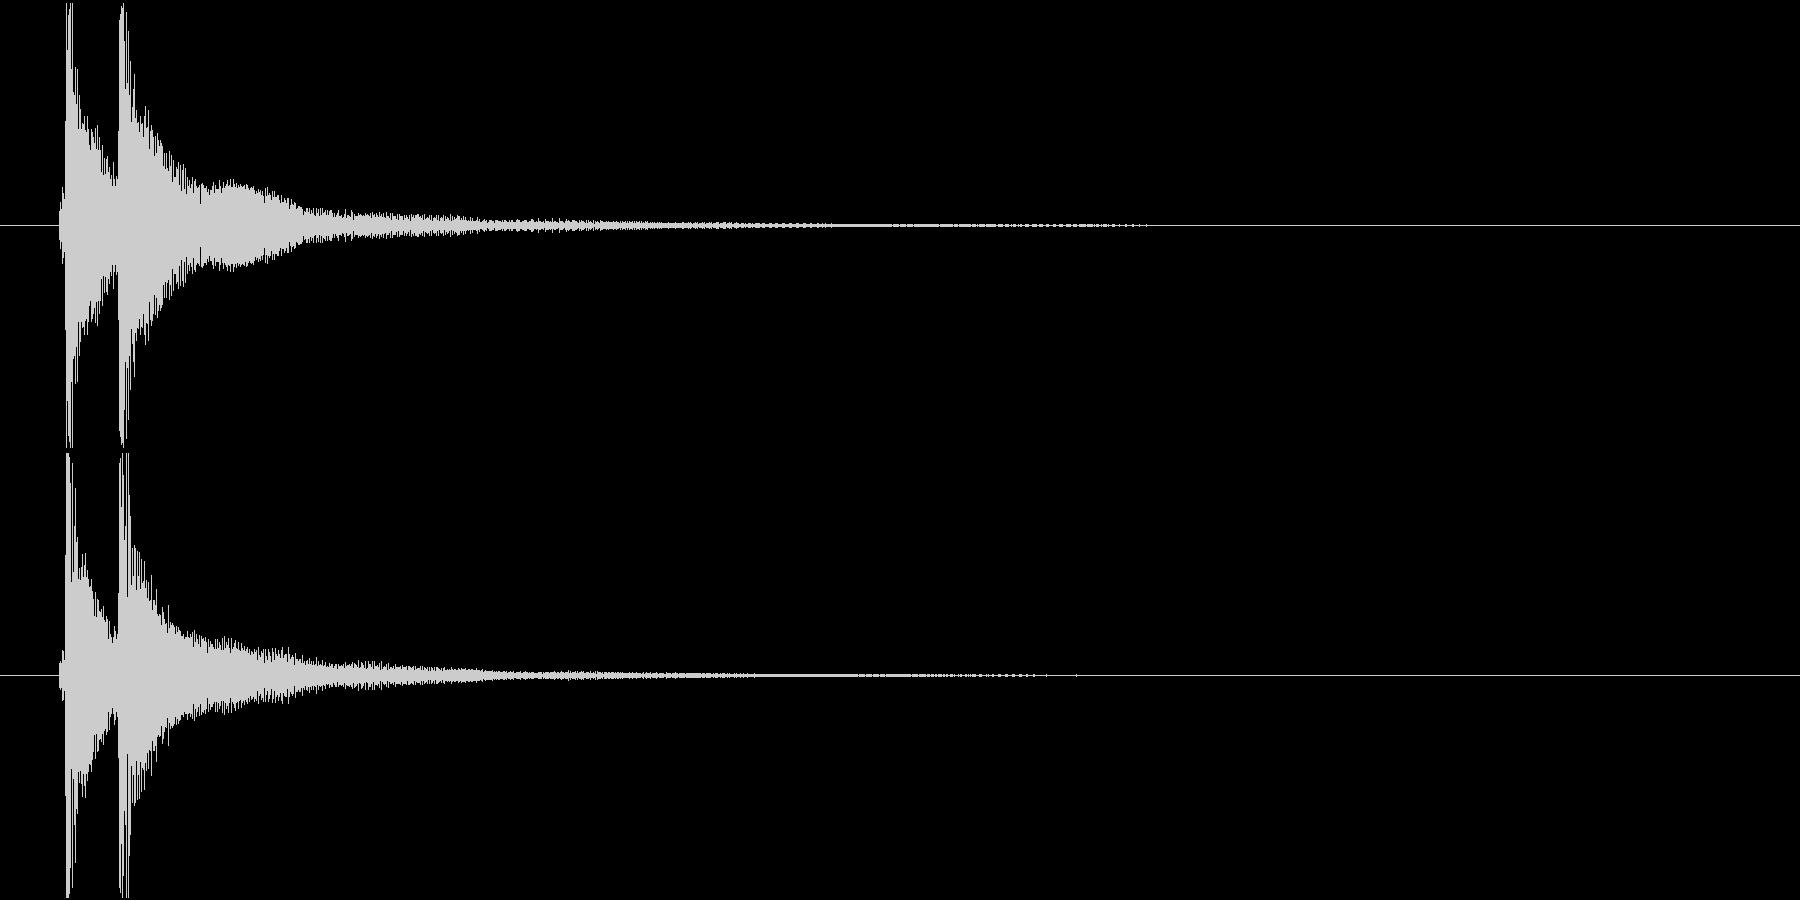 ベンベン (三味線)の未再生の波形